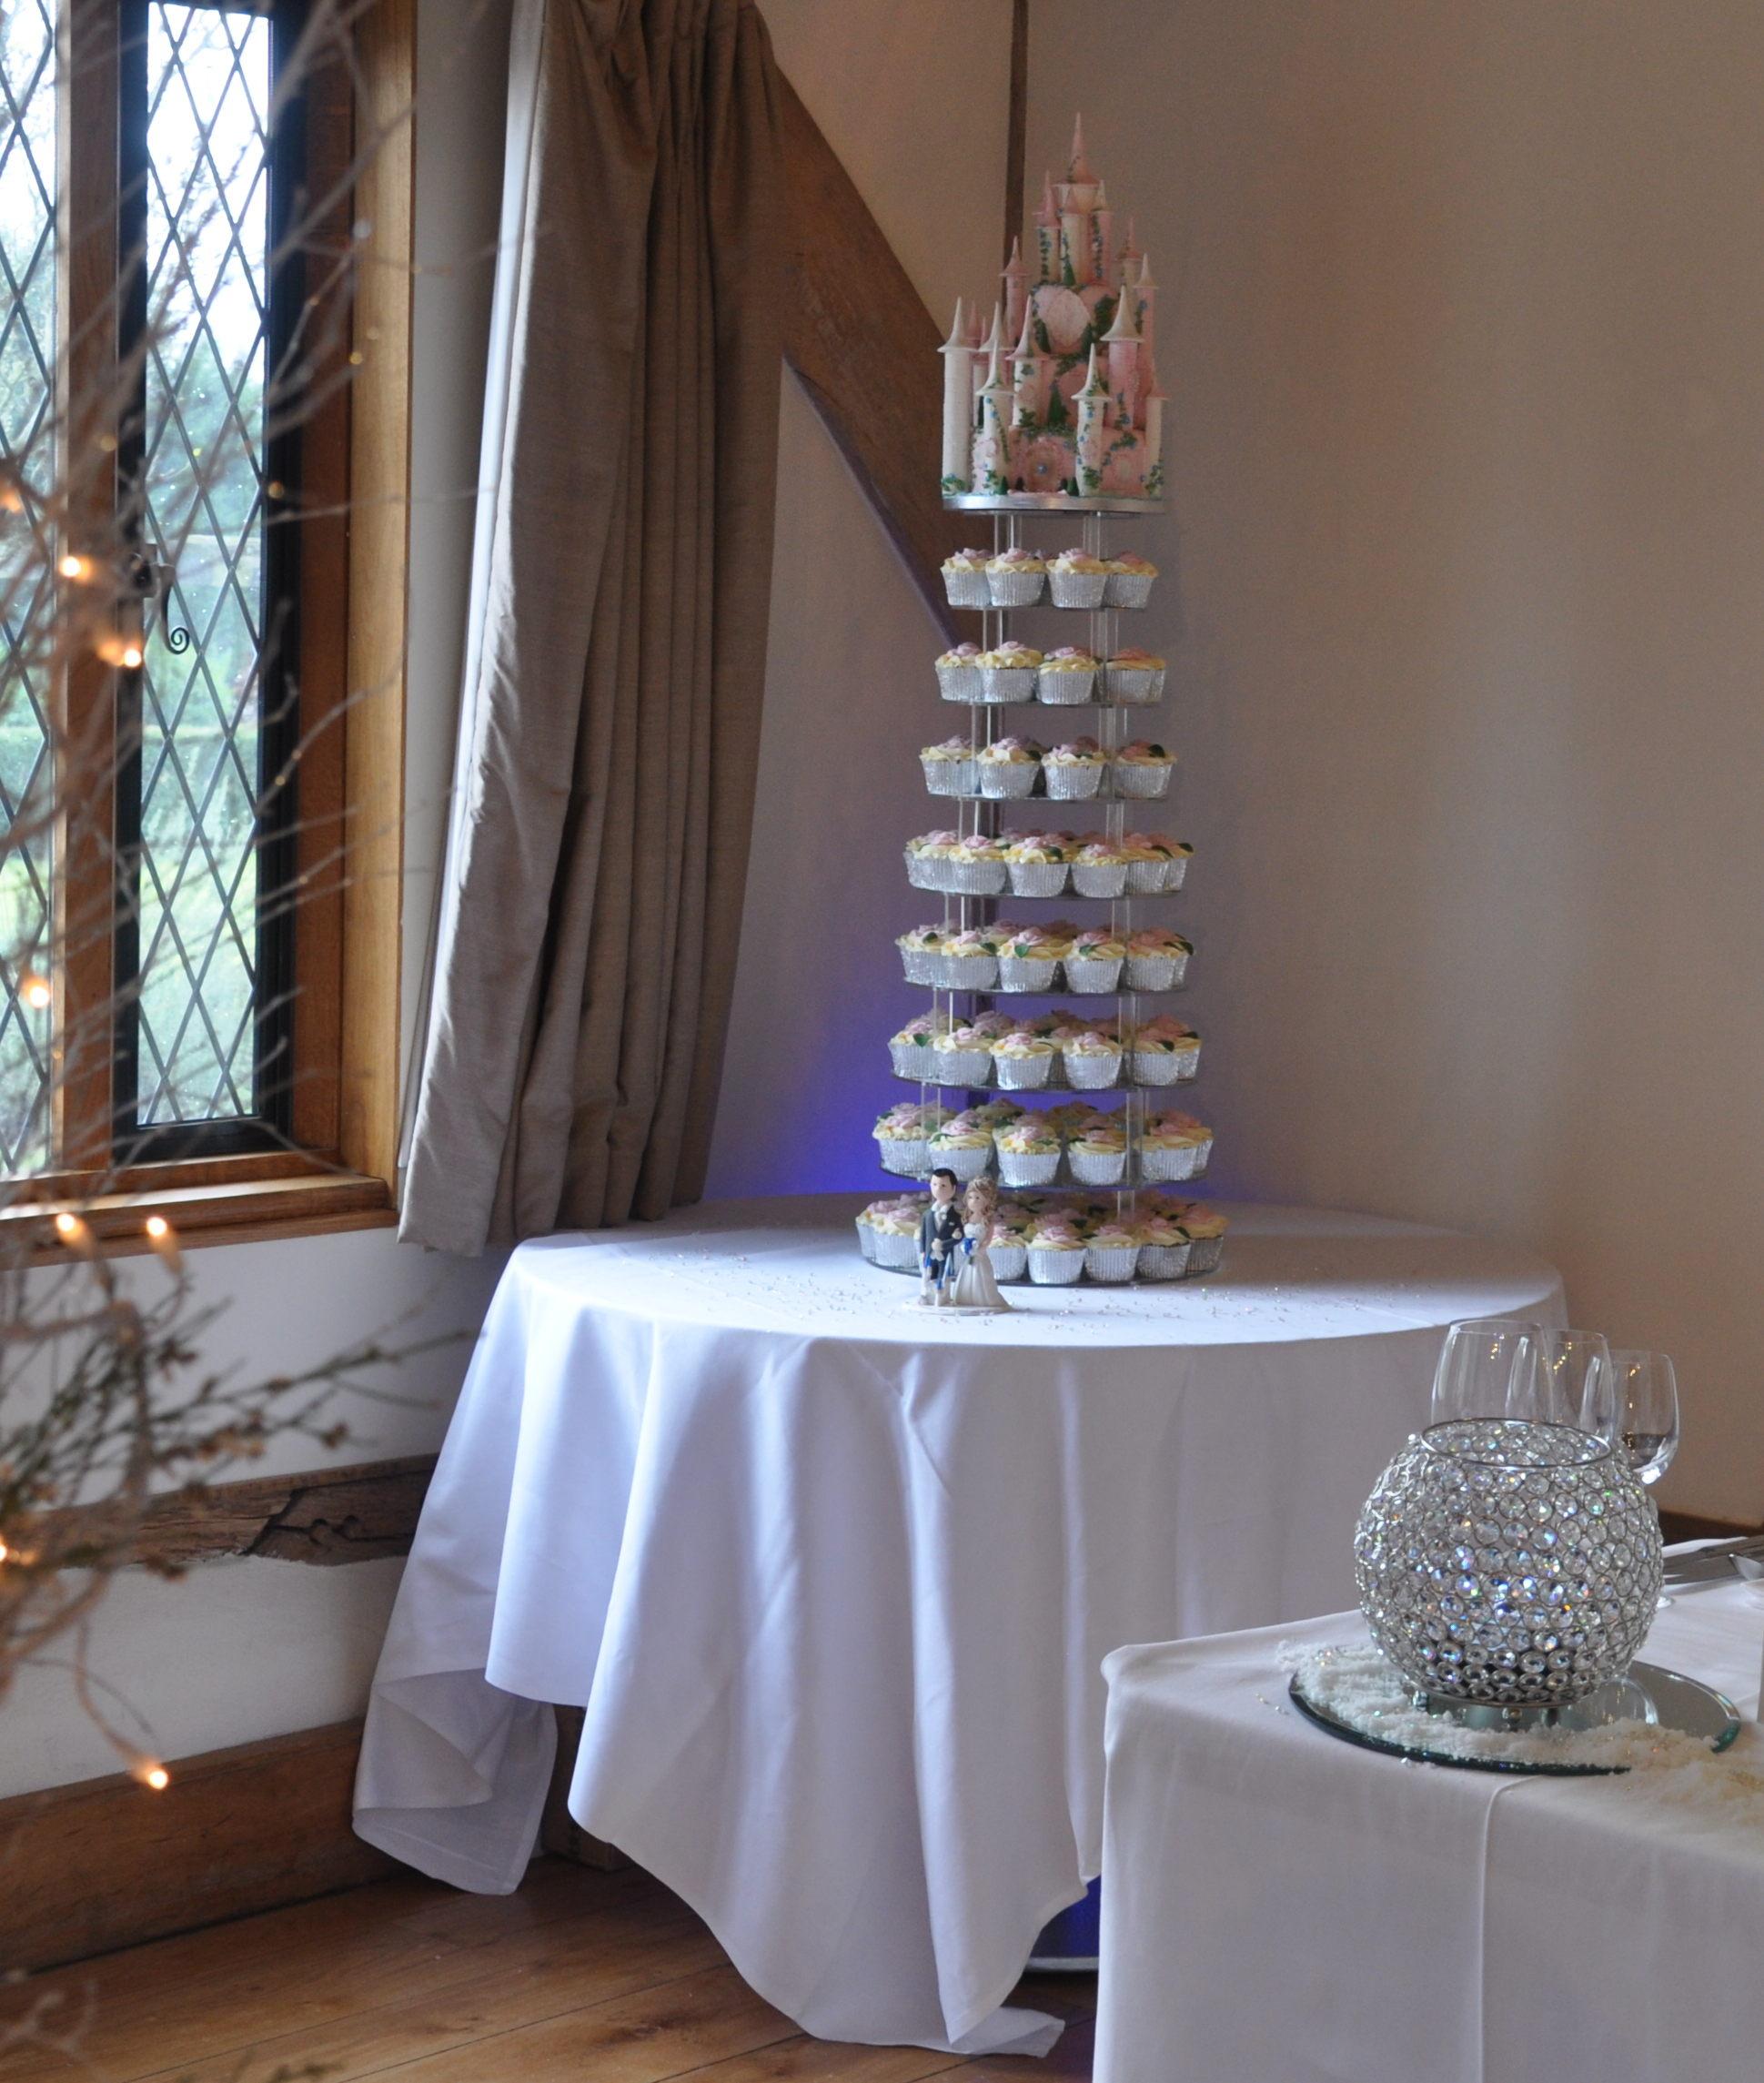 2014-02-08 Fairytale Castle Wedding Cupcakes 26_v1.JPG